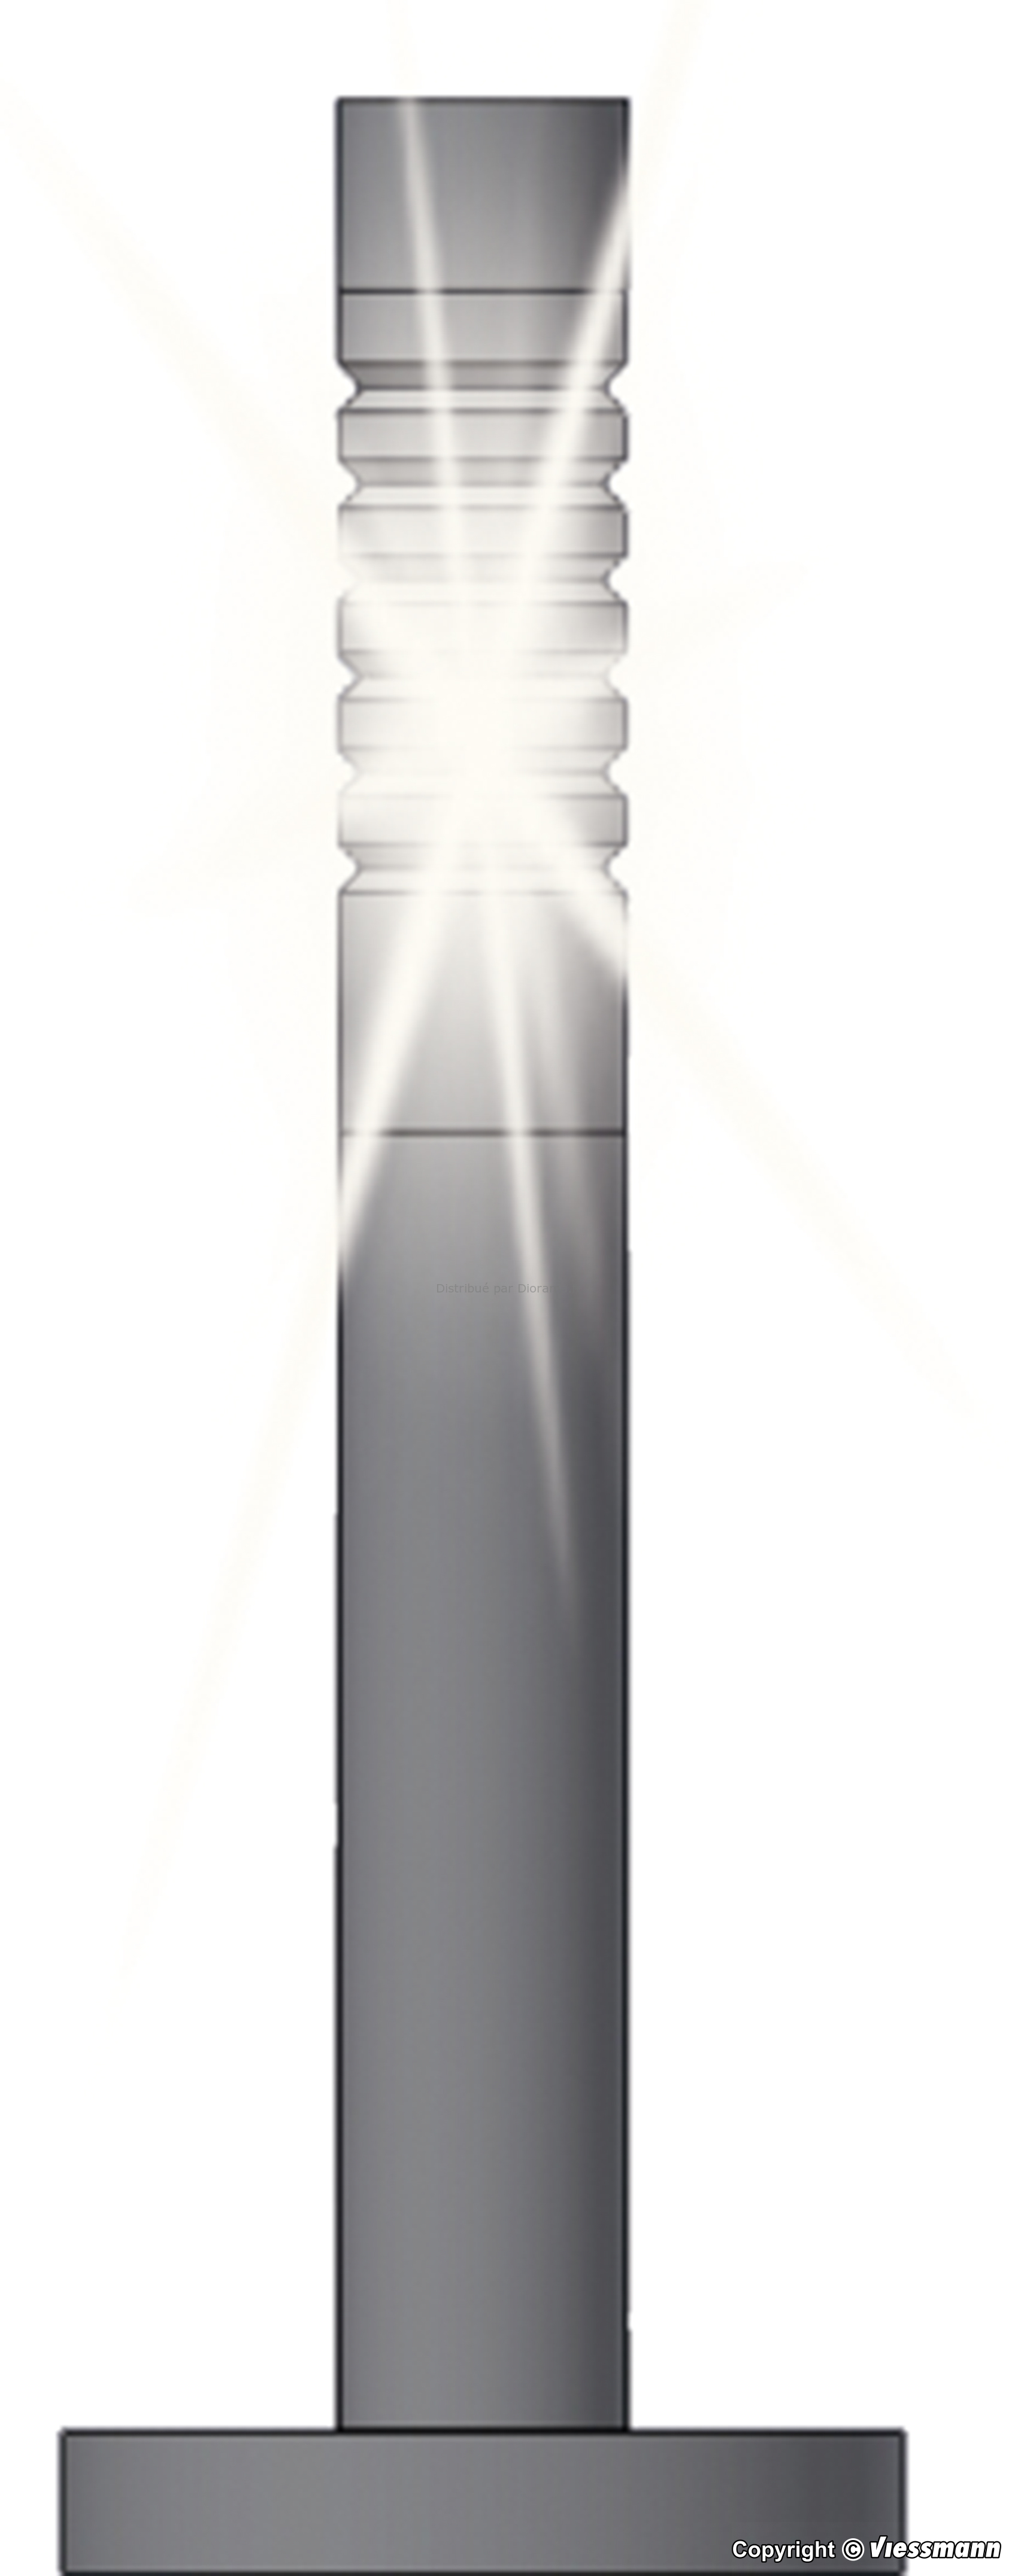 Décor diorama : Éclairage extérieur moderne, led – 1:87 H0 – Viessmann 6162 06162